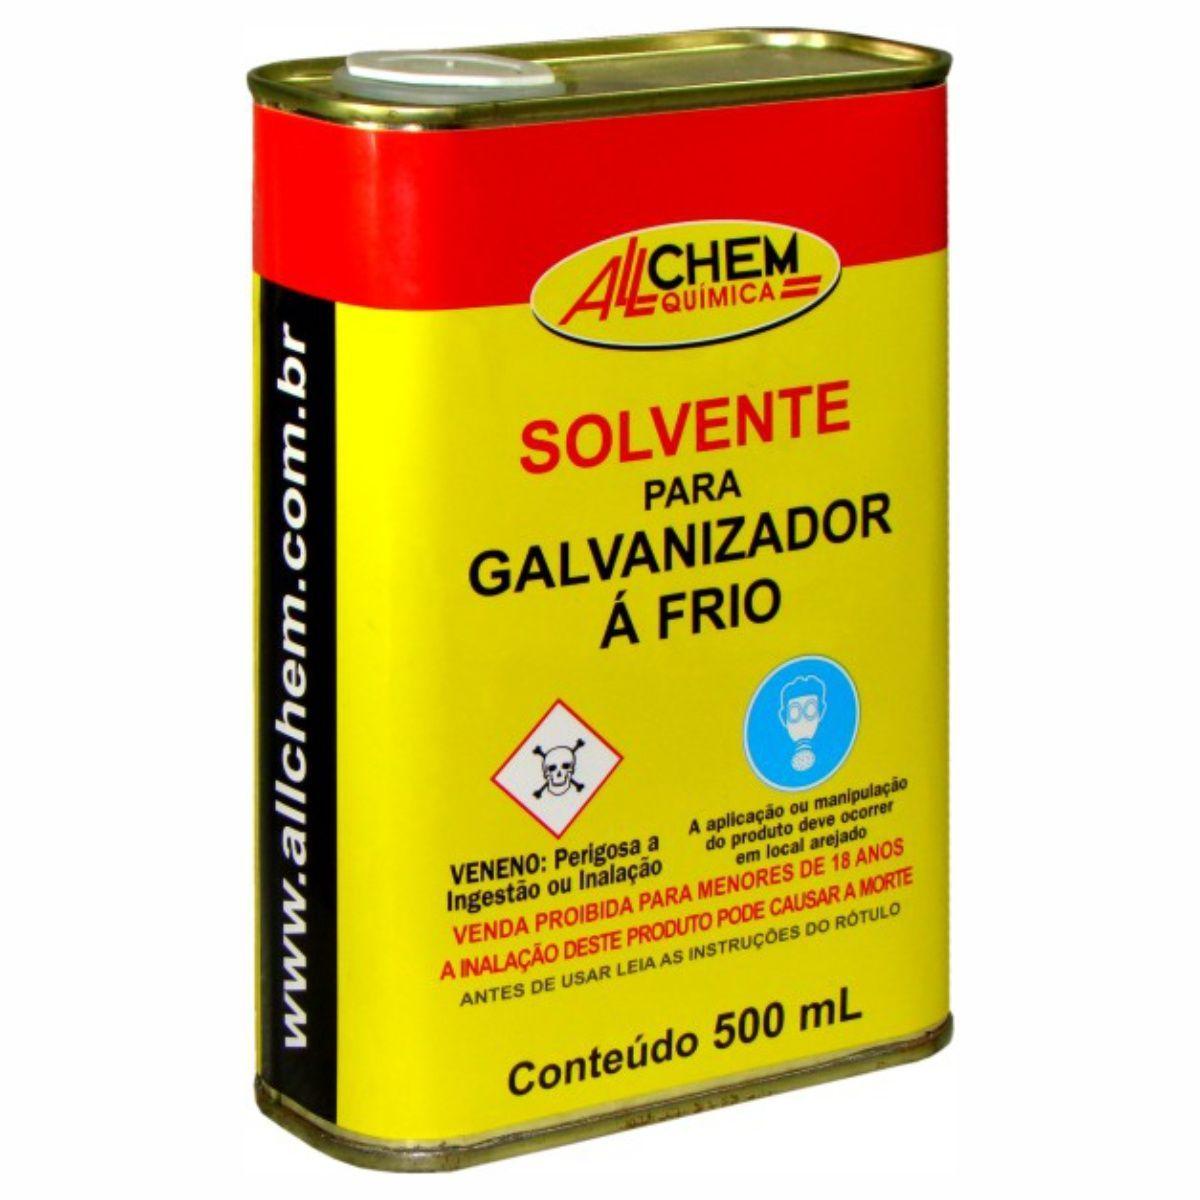 Solvente para Galvanizador a Frio 12x500 mL